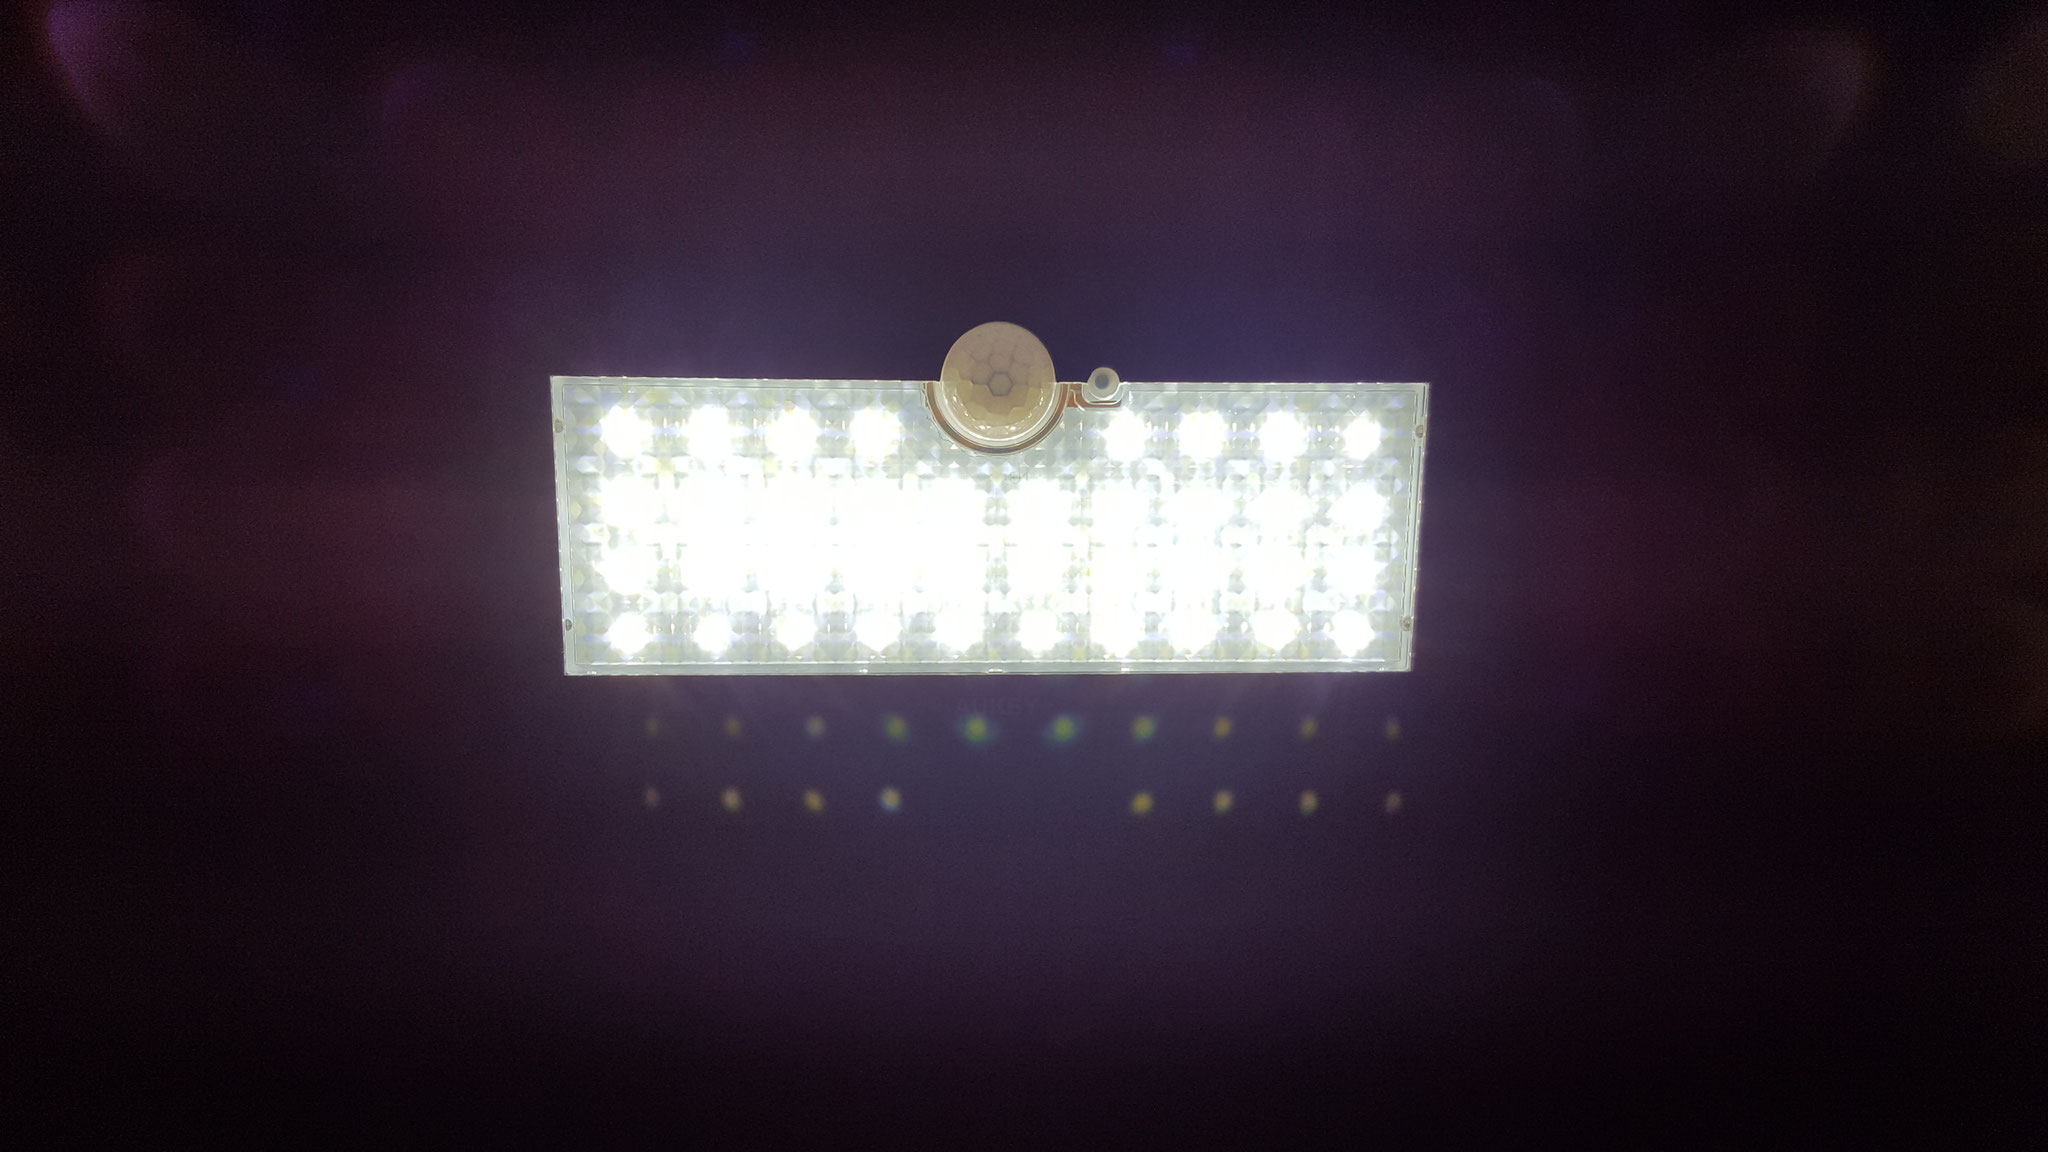 Lampe an